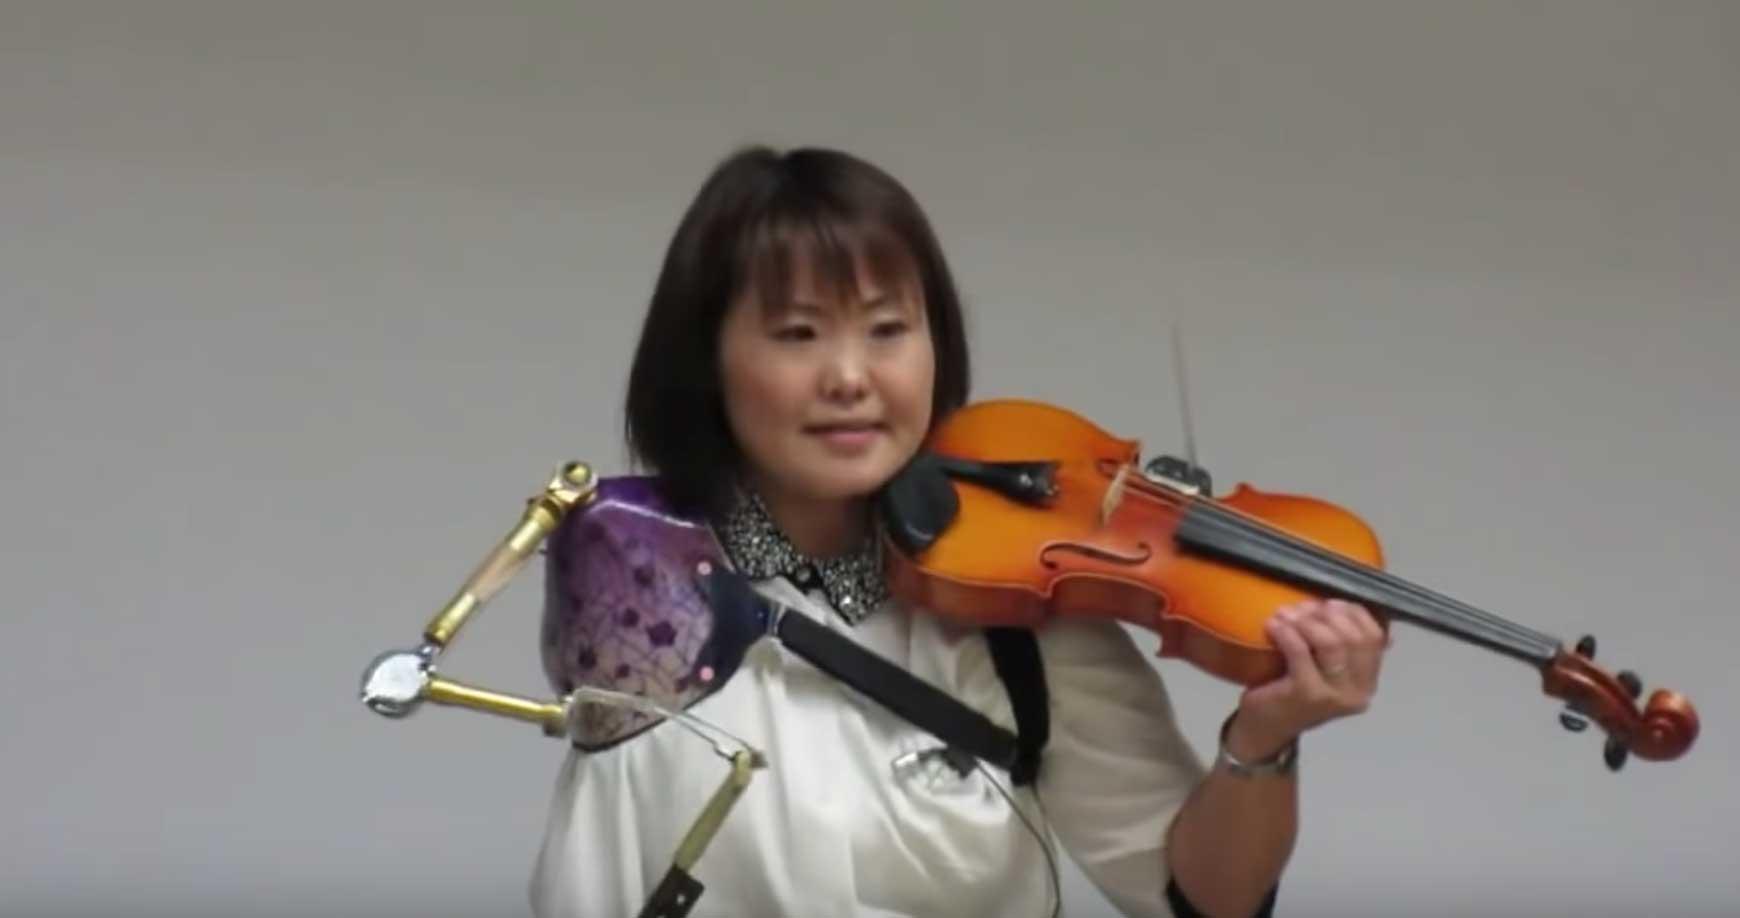 صورة فتاة لا تعرف المستحيل | يابانية تبدع في عزف الكمان بذراع اصطناعية